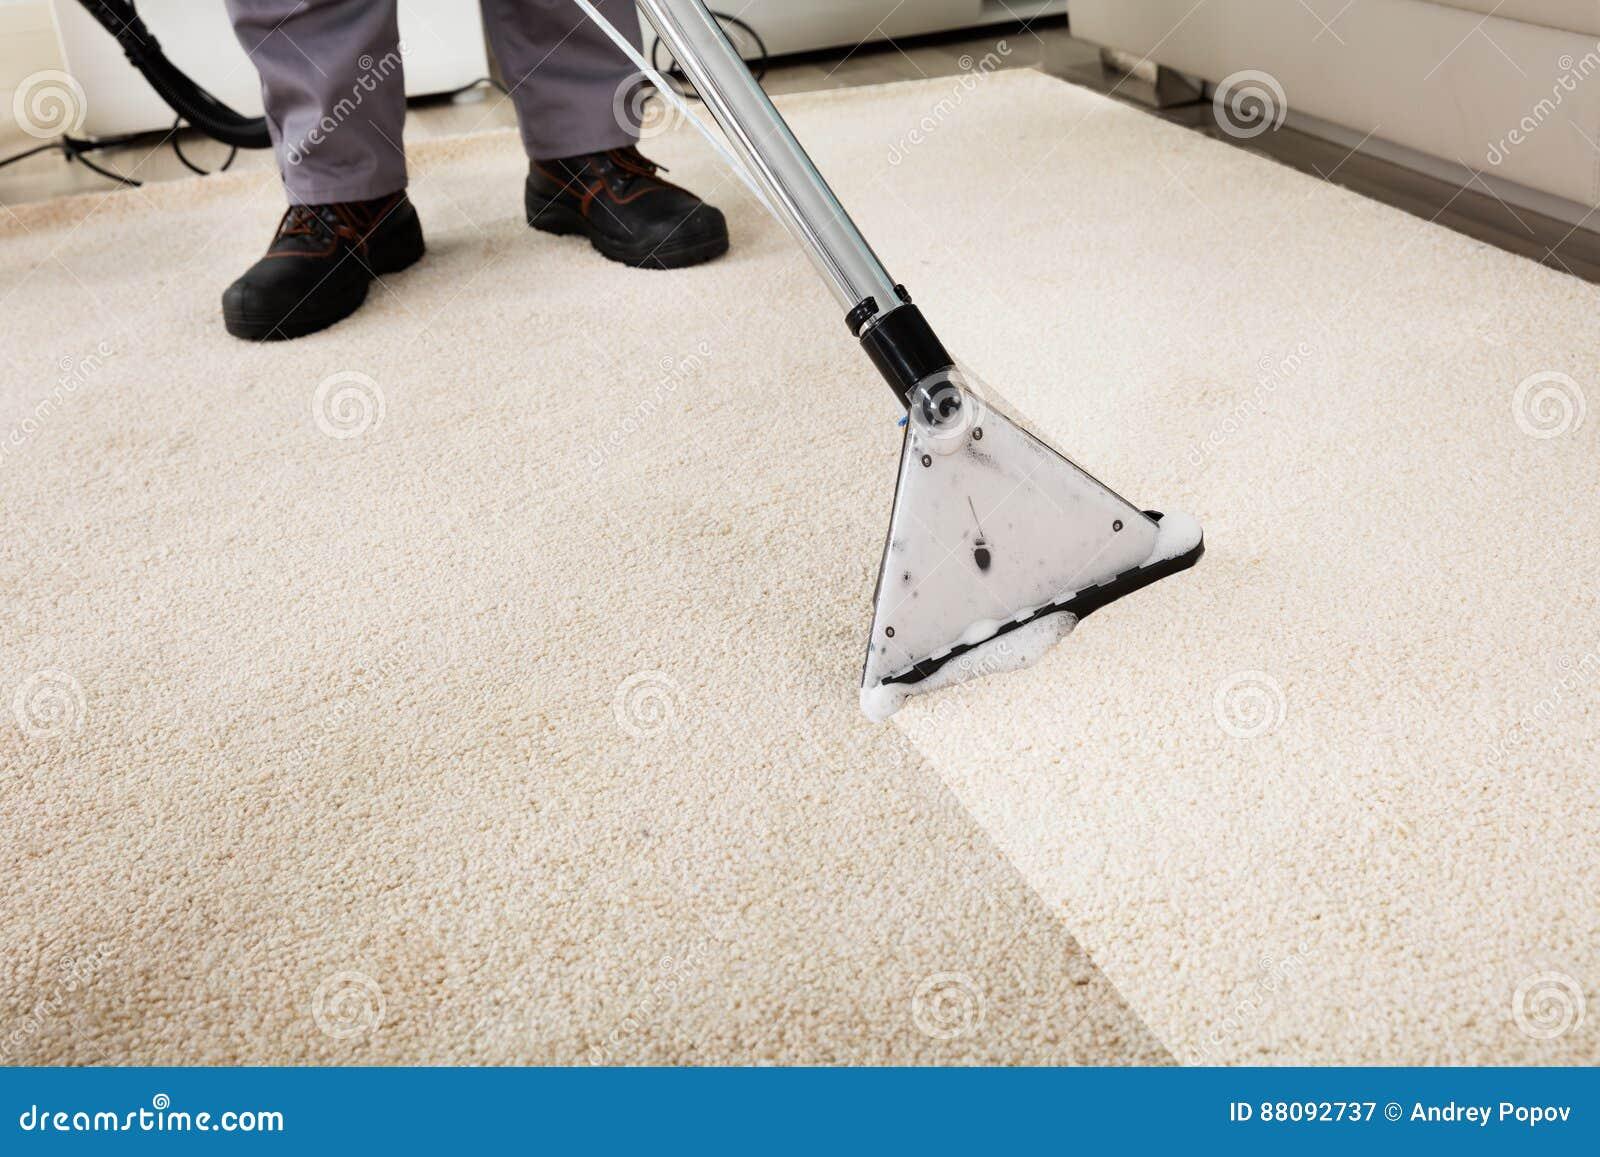 人有吸尘器的清洁地毯